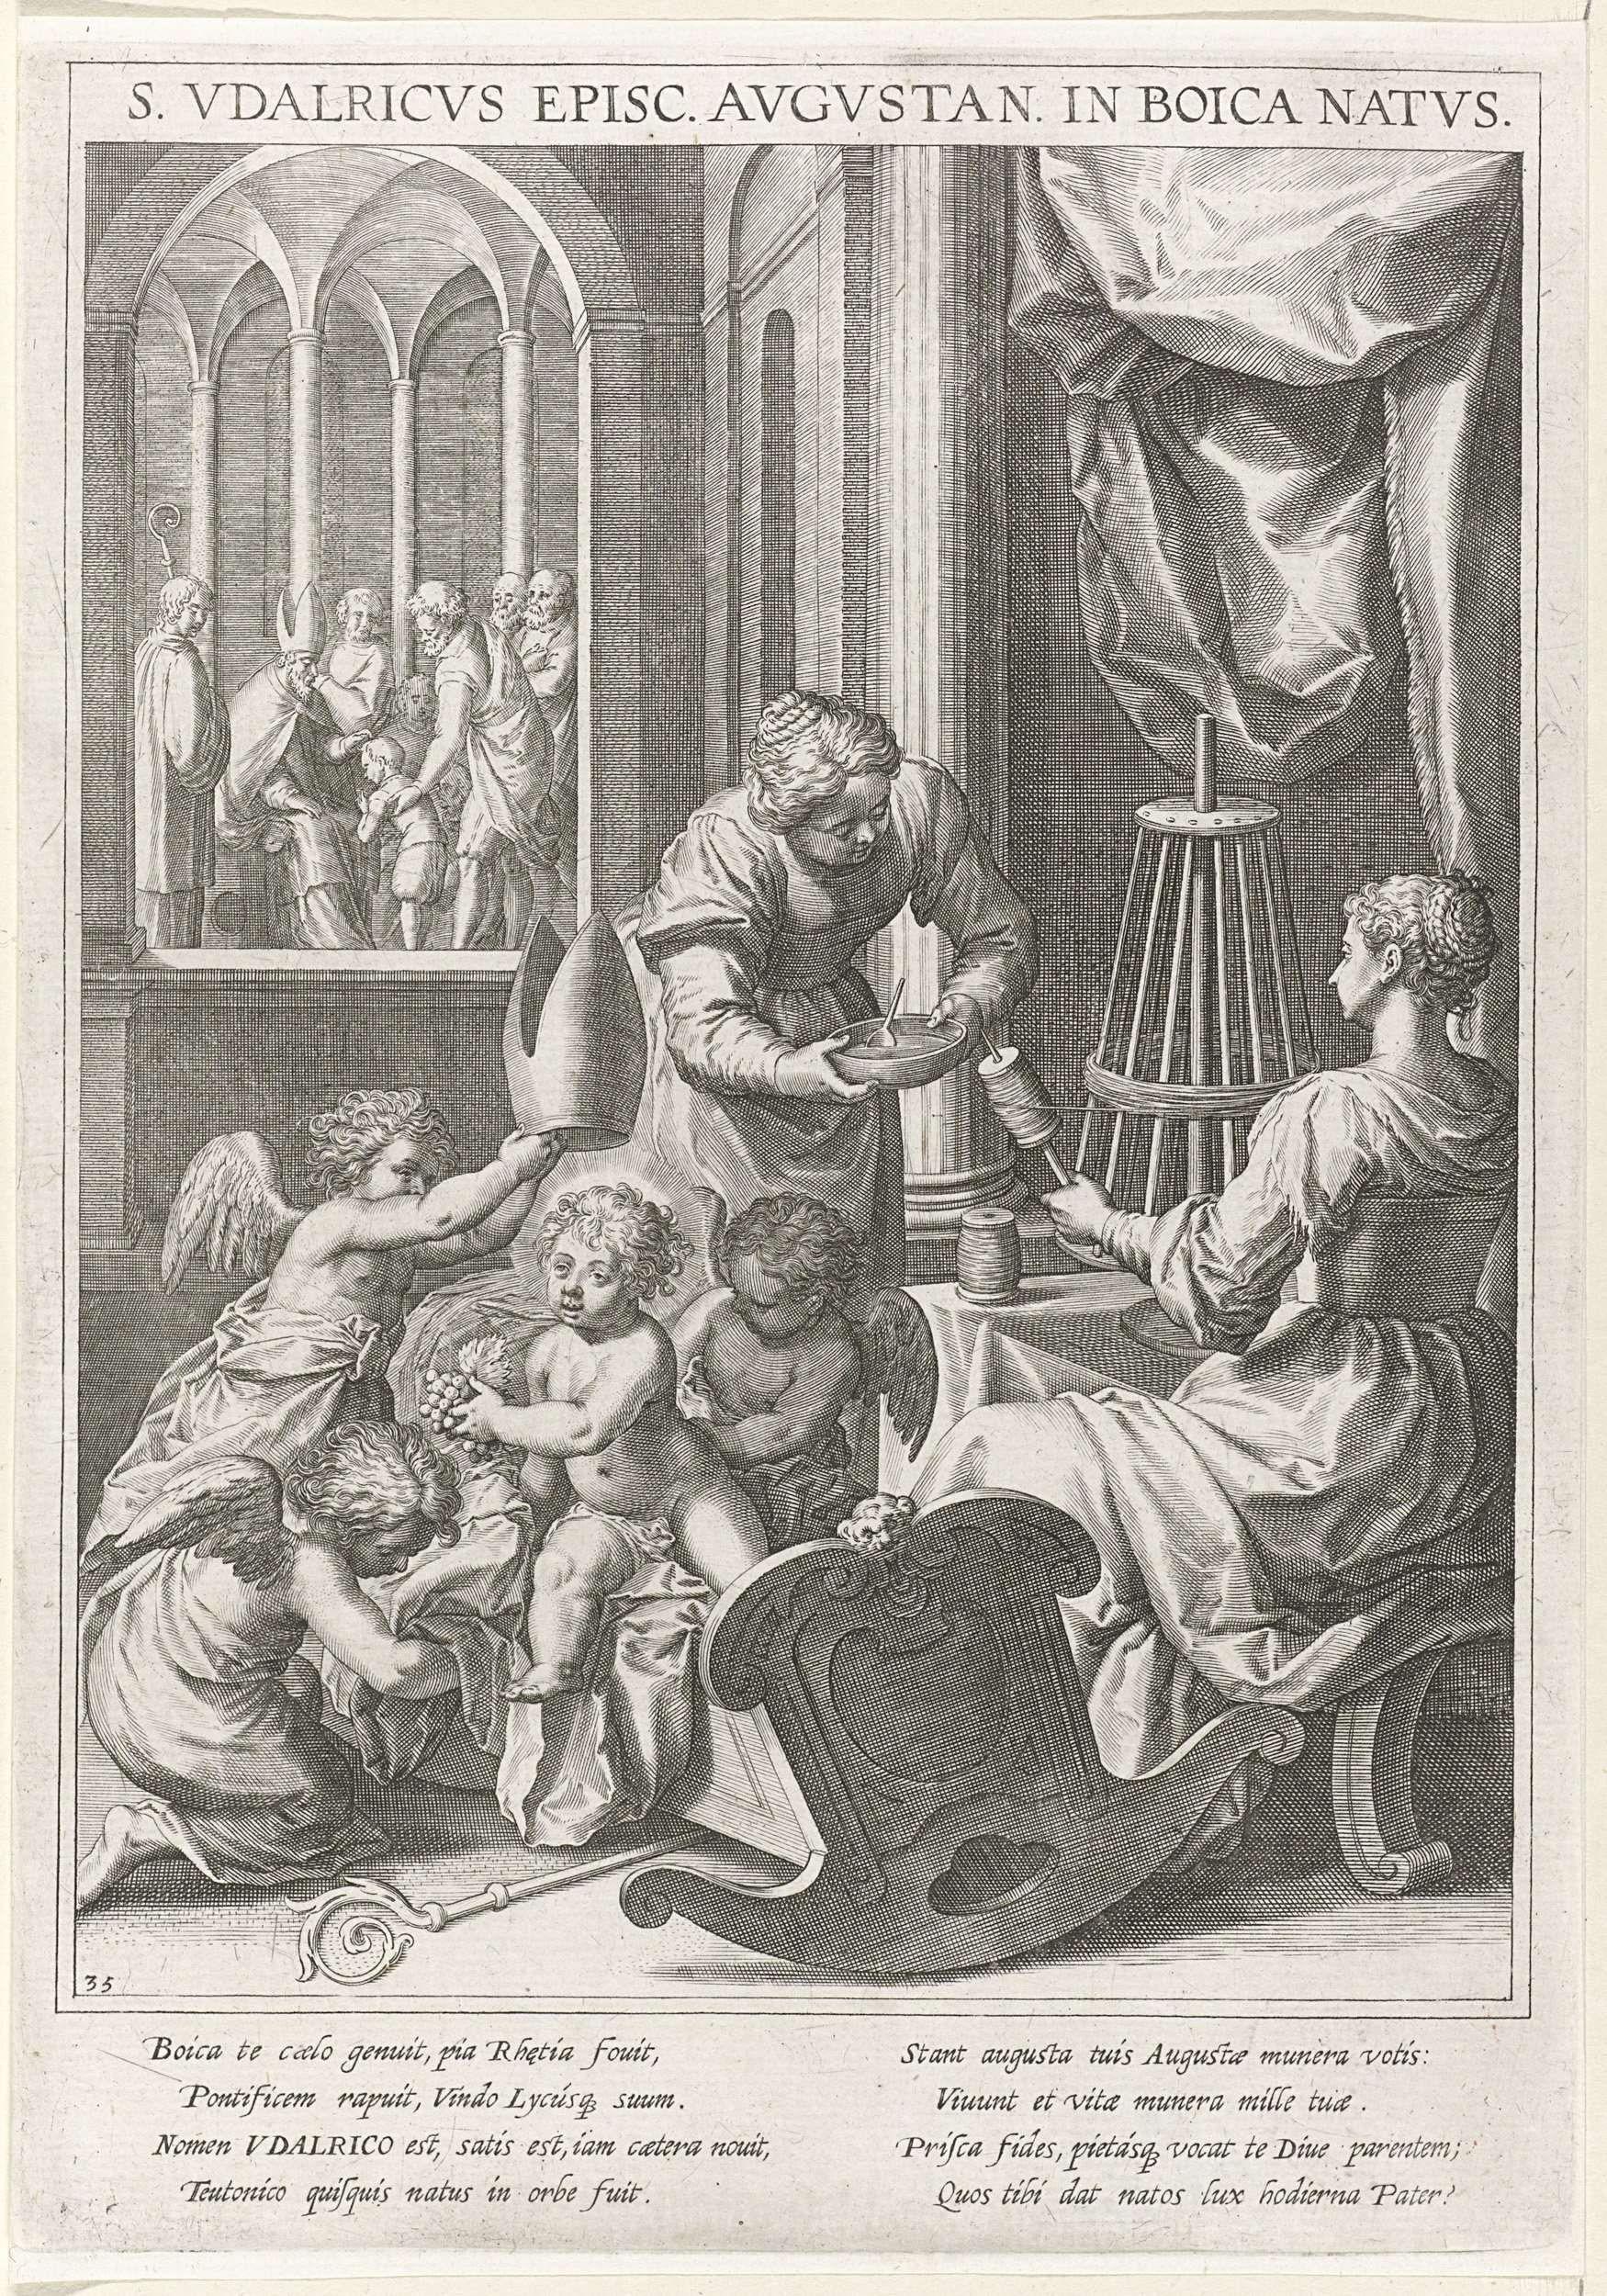 Raphaël Sadeler (I) | Heilige Udalricus van Augsburg als kind, Raphaël Sadeler (I), Johann Mathias Kager, Matthäus Rader, 1615 | Op de voorgrond de H. Udalricus van Augsburg als kind in zijn kribbe. Drie engelen kronen hem tot bisschop. Naast hem zijn moeder en een vrouw die met een haspel bezig zijn garen af te winden tot strengen. Op de achtergrond de zegening van een kind door een bisschop. De prent heeft een Latijns onderschrift en is de 35ste prent van een 60-delige serie met als…